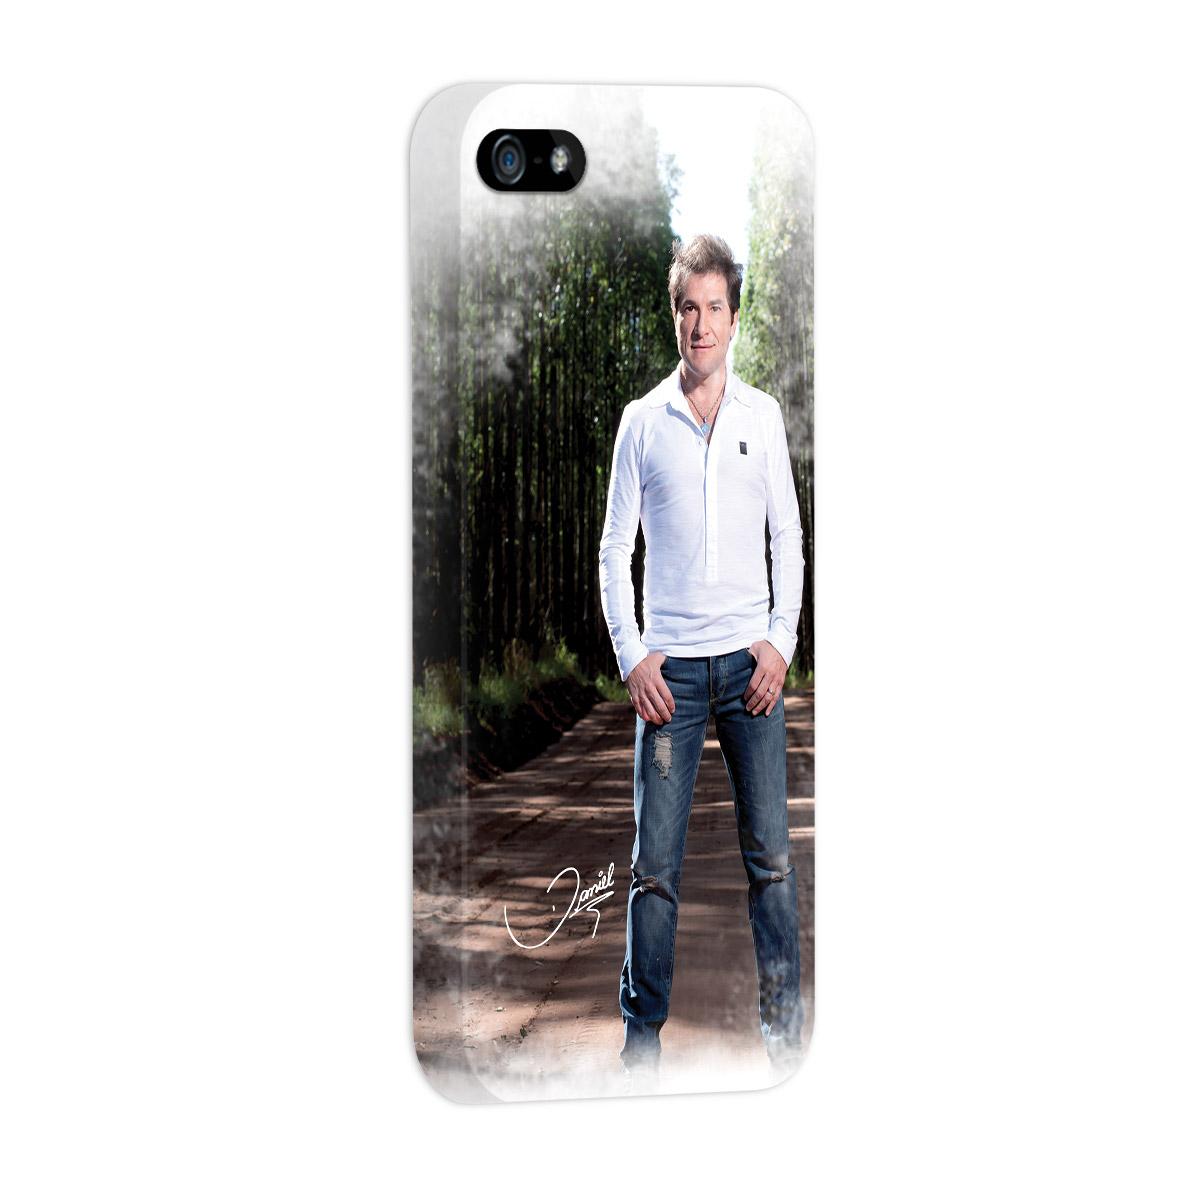 Capa de iPhone 5/5S Daniel Leva Meu Coração